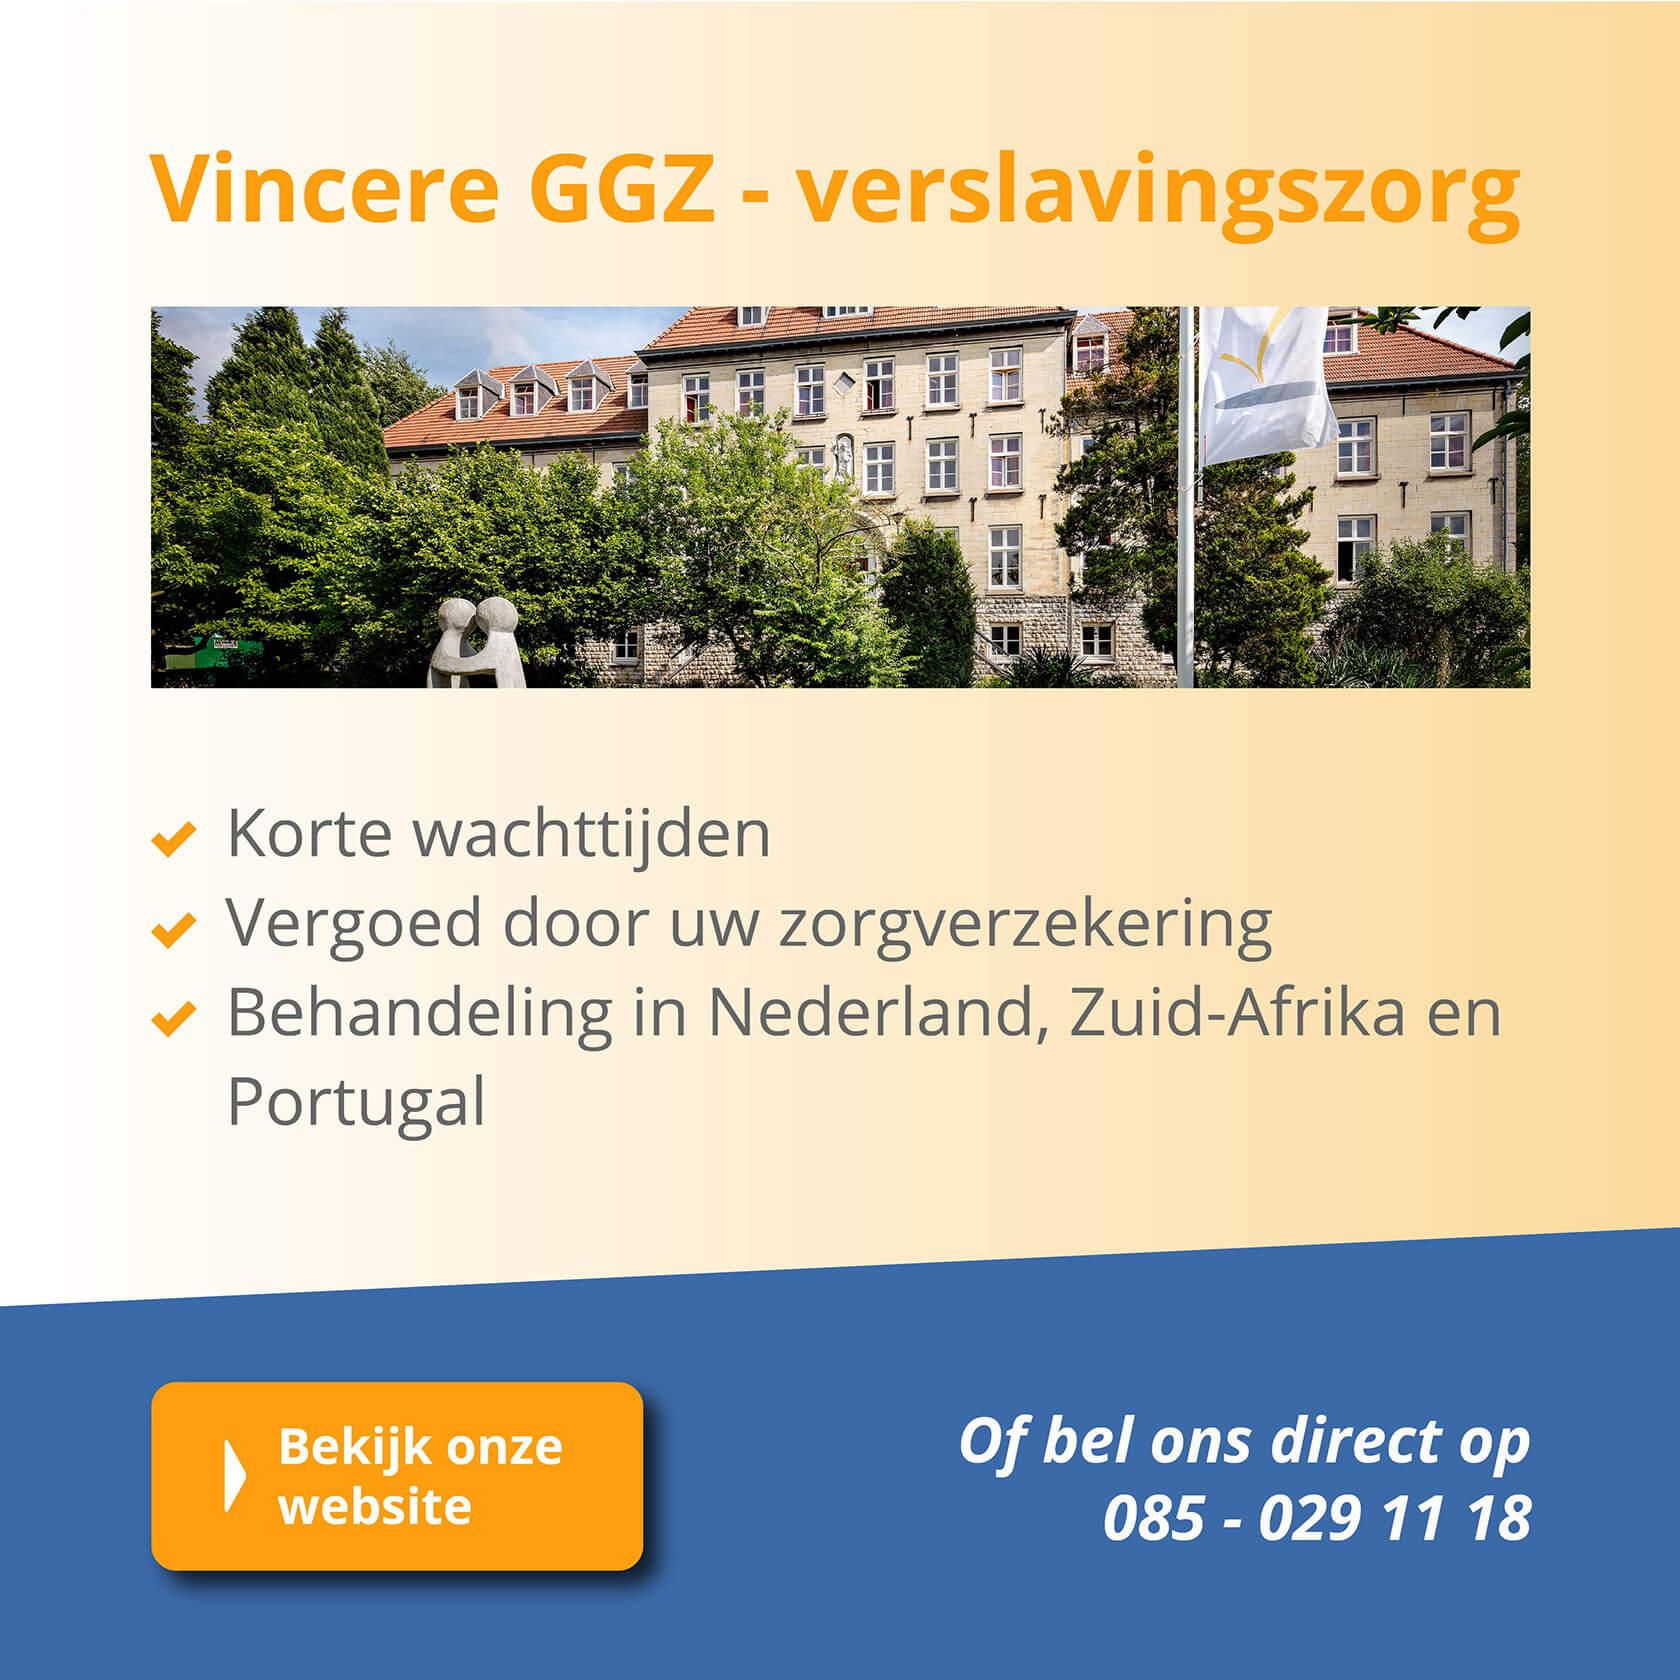 Vincere heeft overal klinieken. In Nederland en Buitenland.